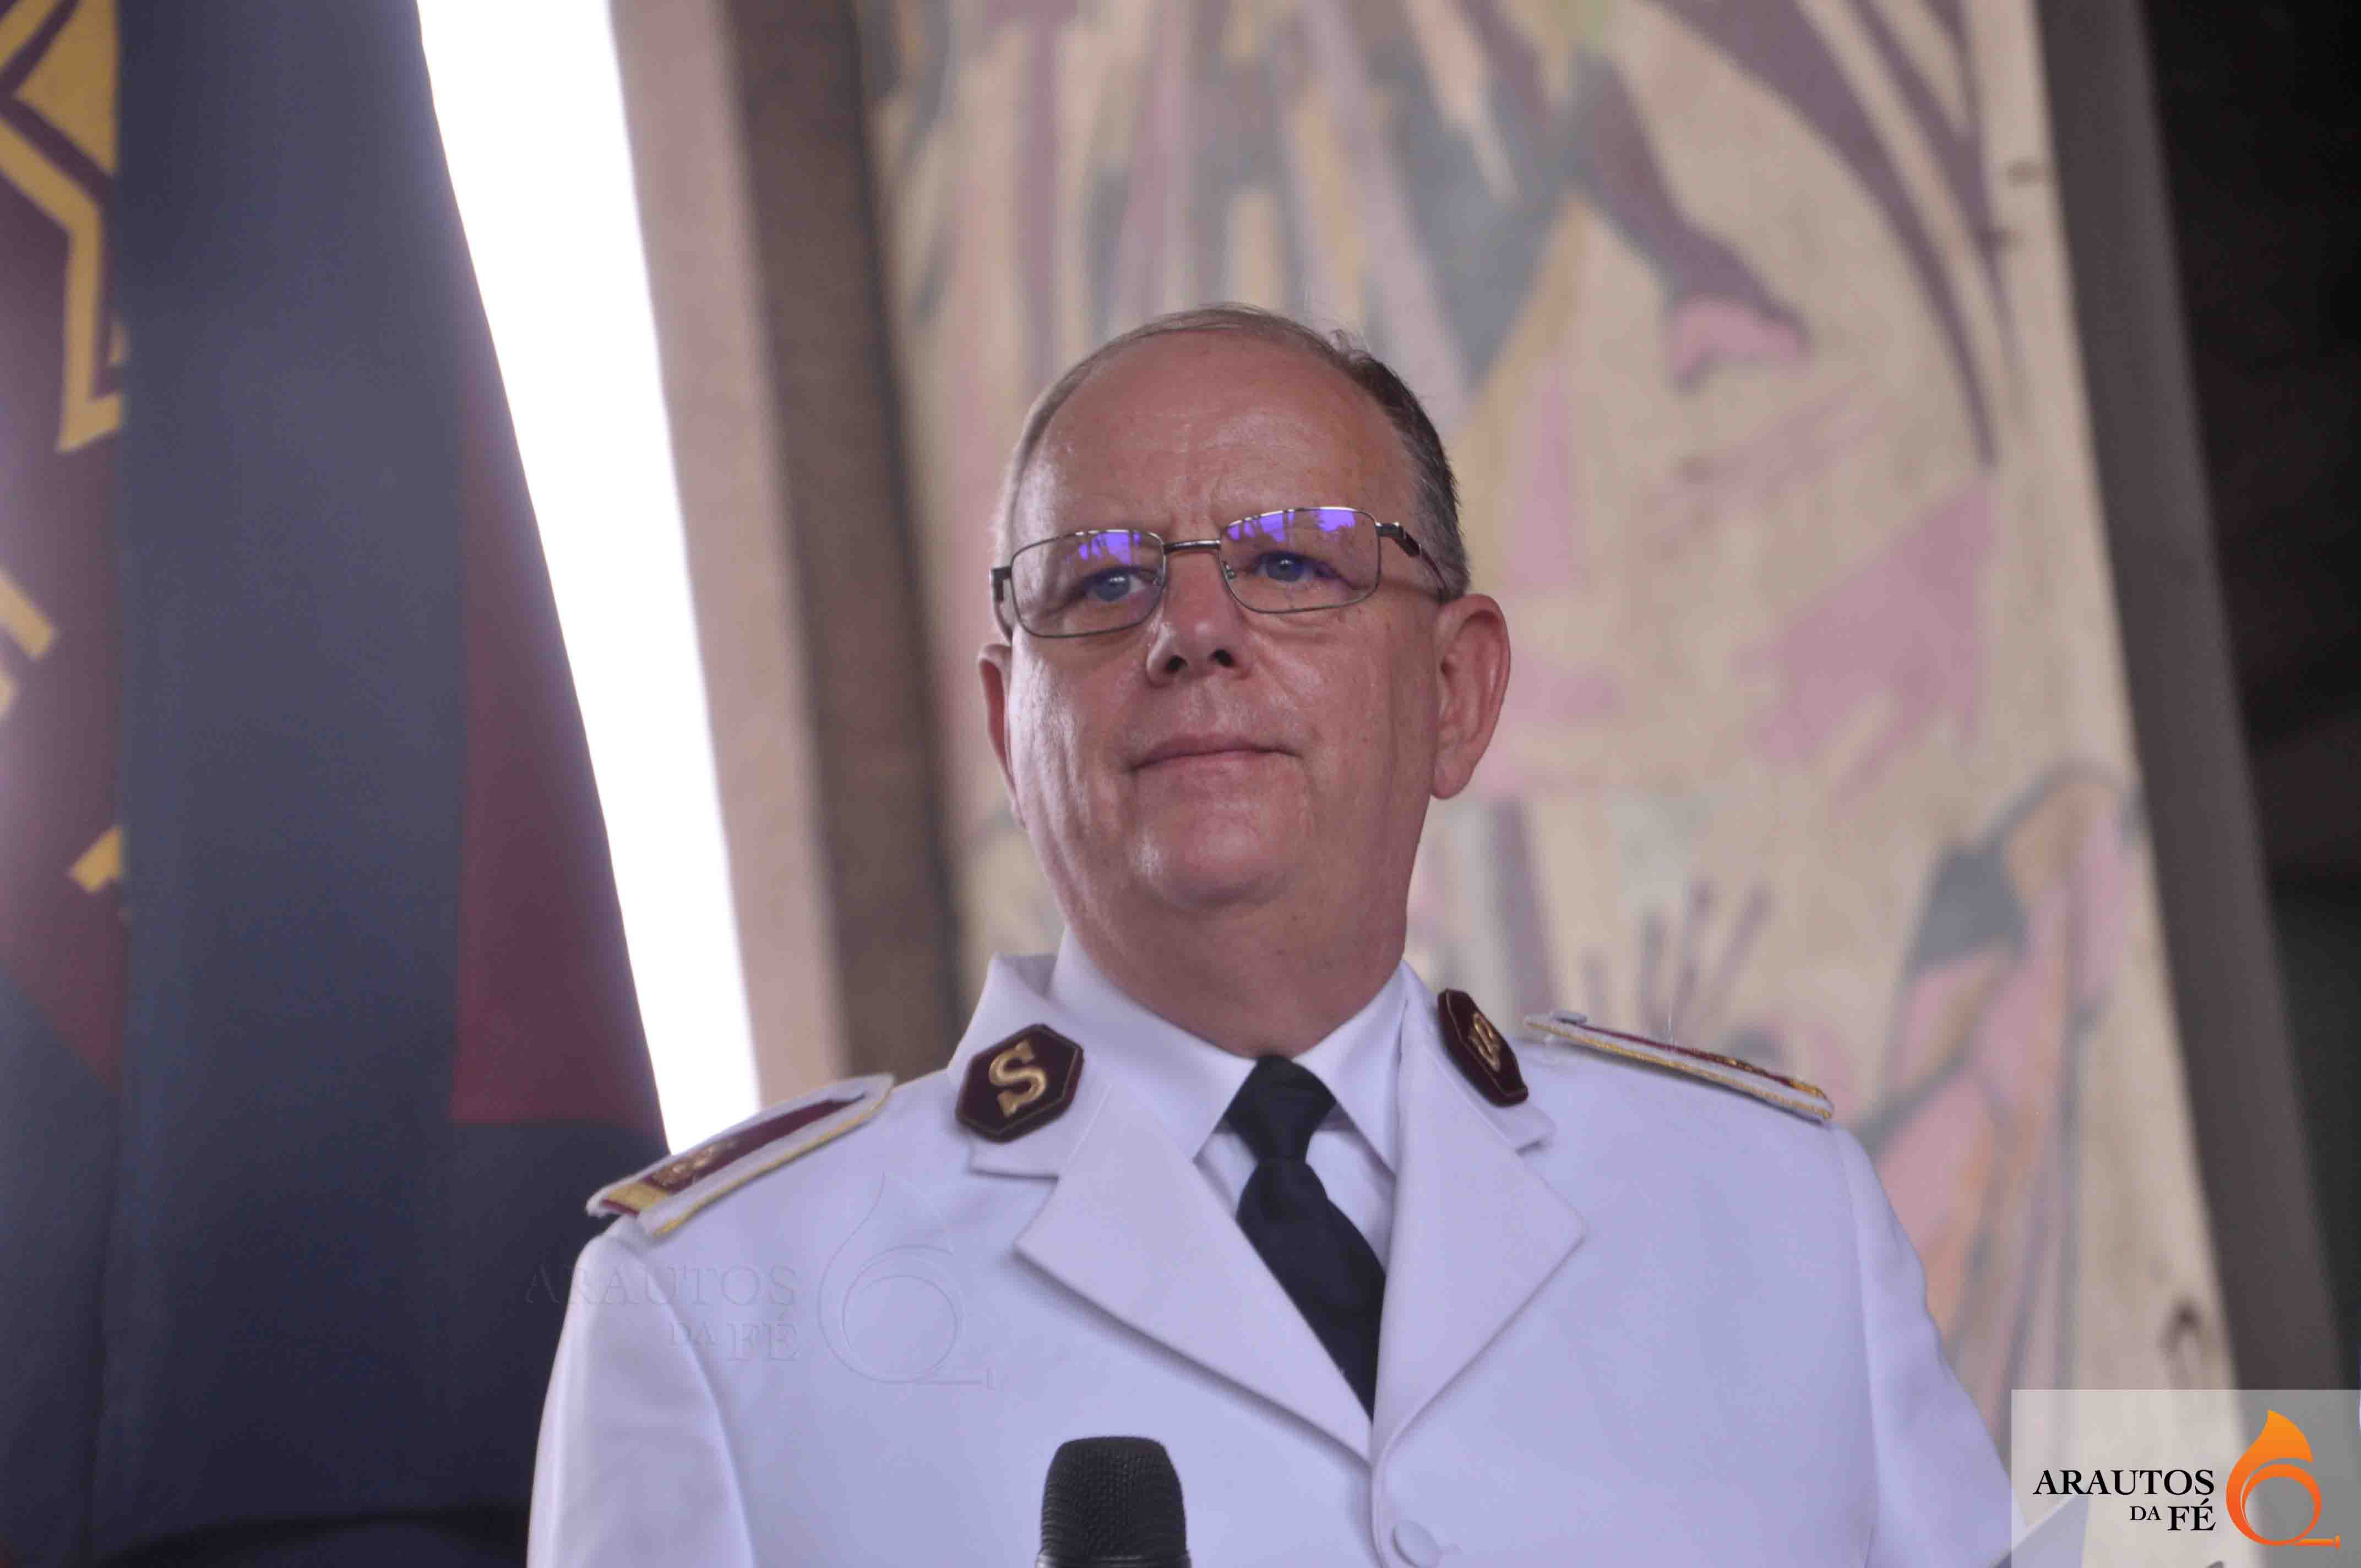 General Cox exortou cristãos a não se focarem em coisas materiais. (Foto: Jaime Chiquito)